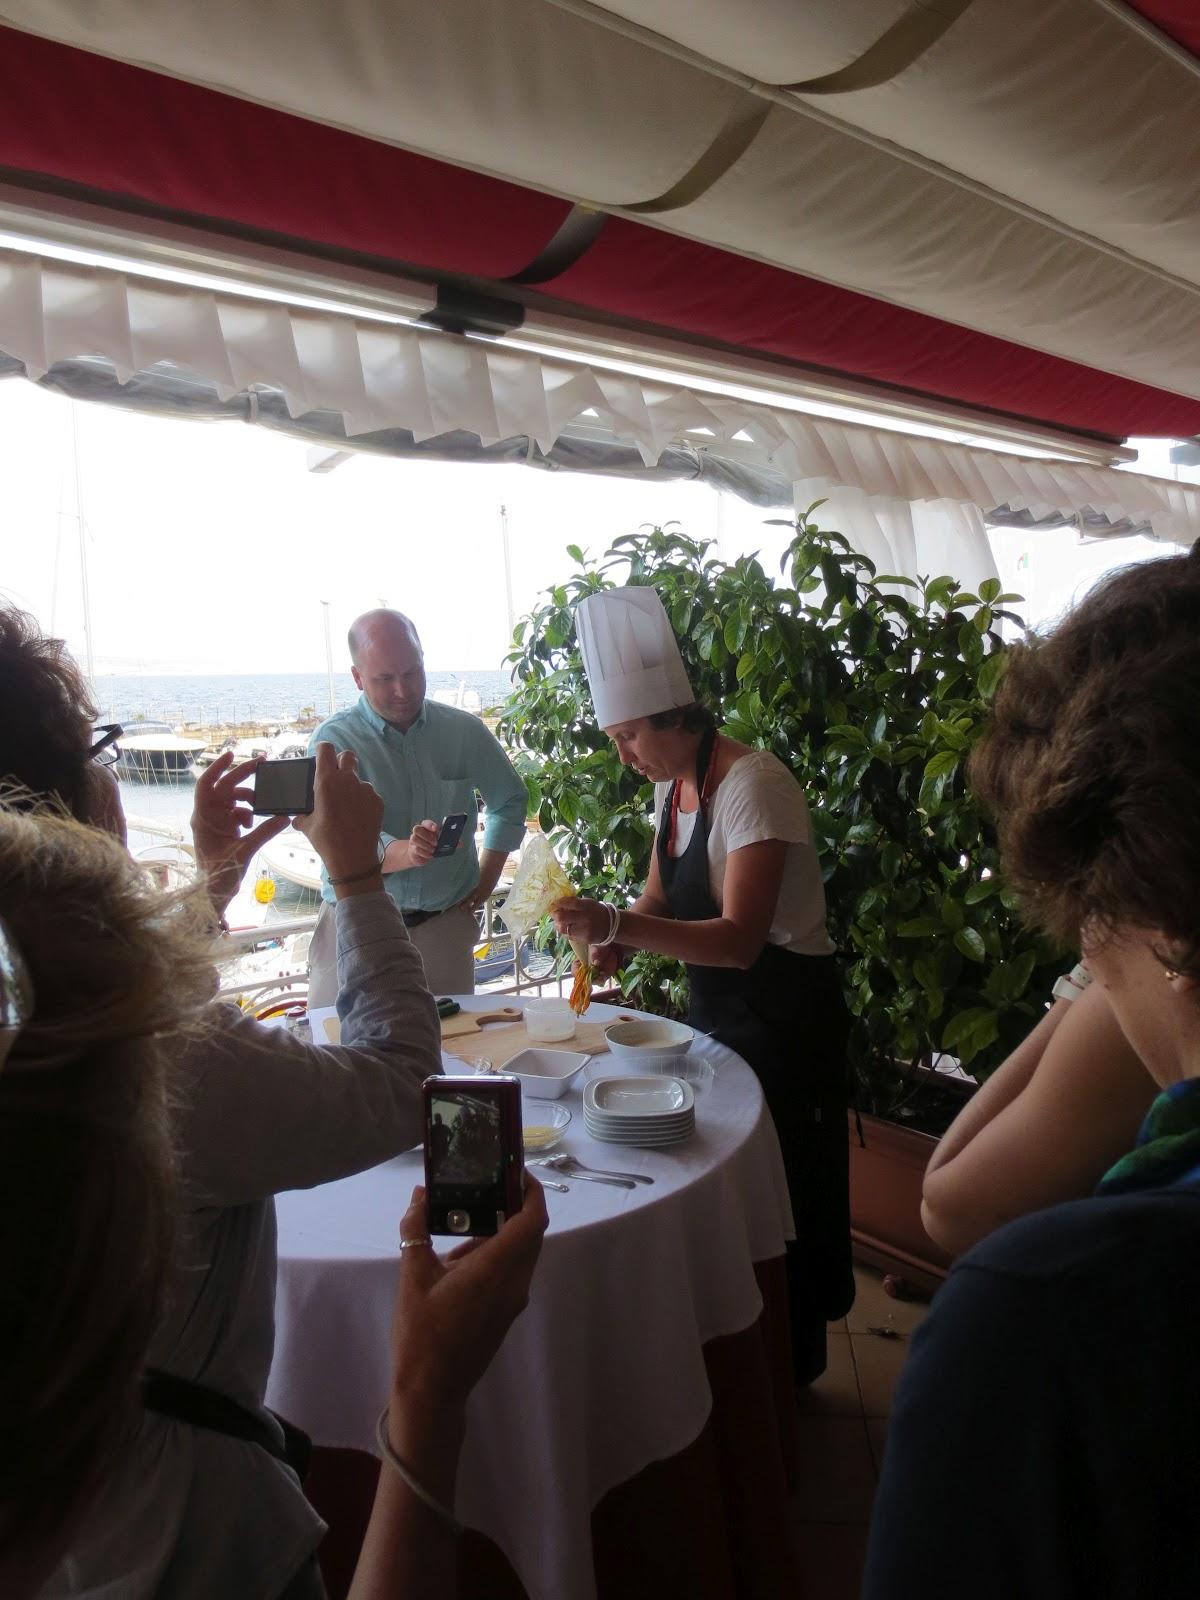 Naples Food Pantry